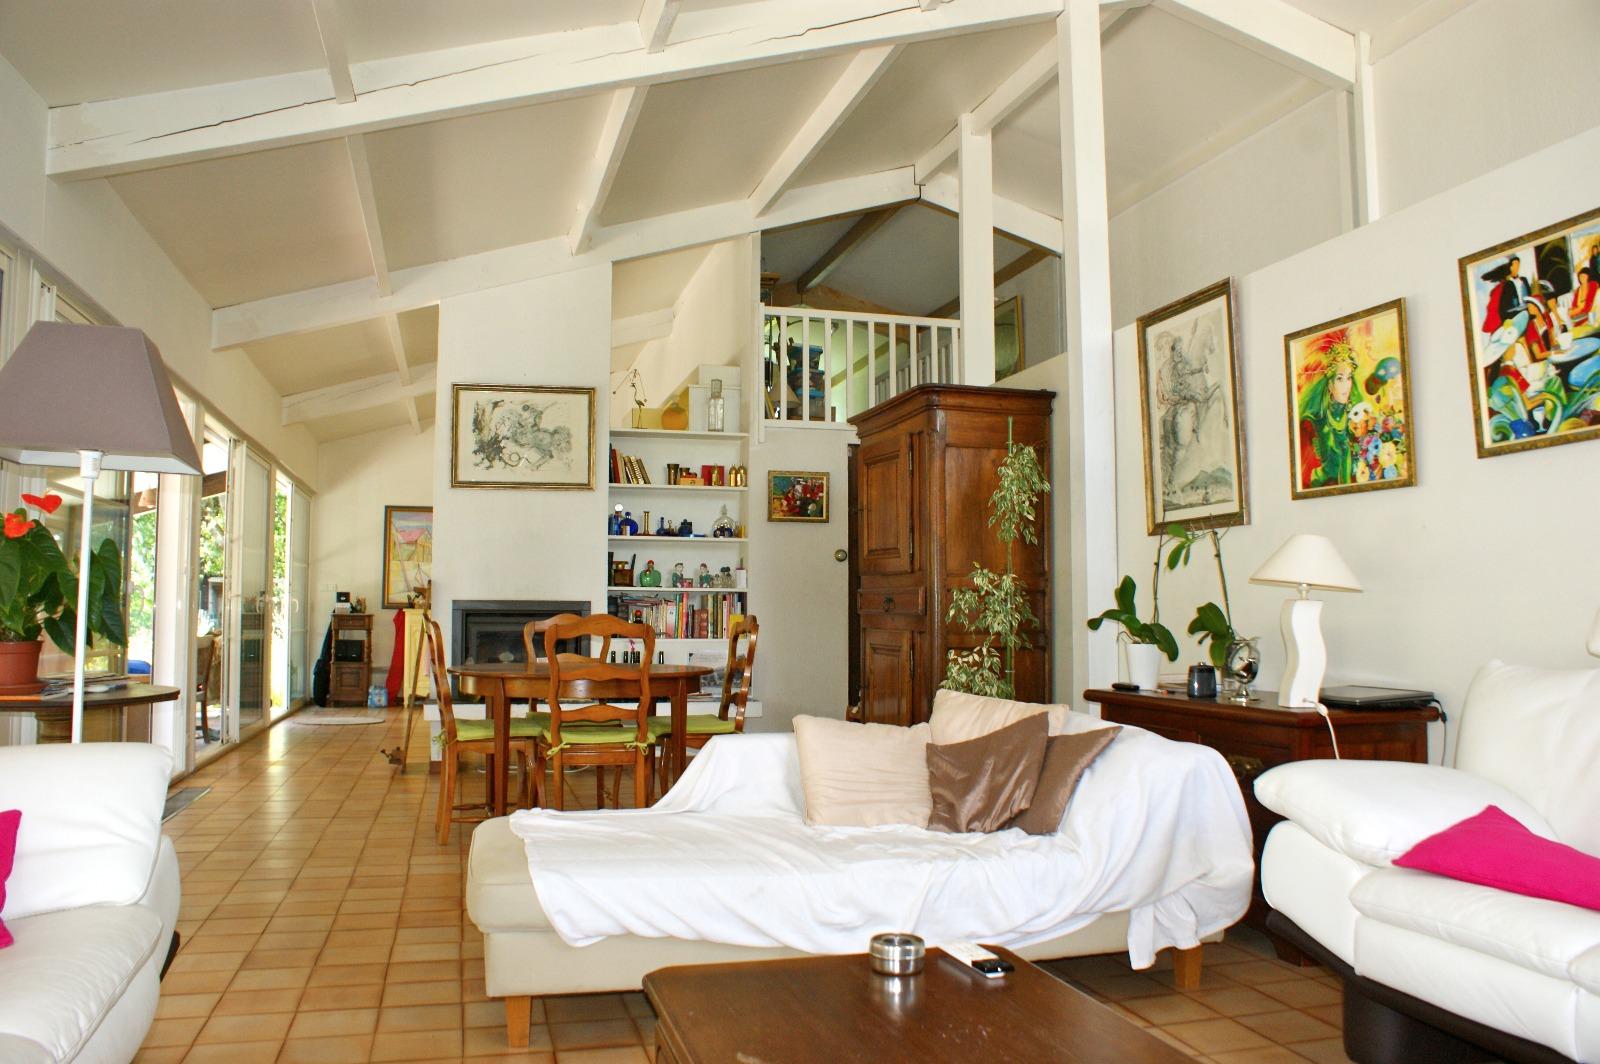 vente villa gujan mestras 33470 140m avec 5 pi ce s dont 3 chambre s sur 318m de terrain. Black Bedroom Furniture Sets. Home Design Ideas